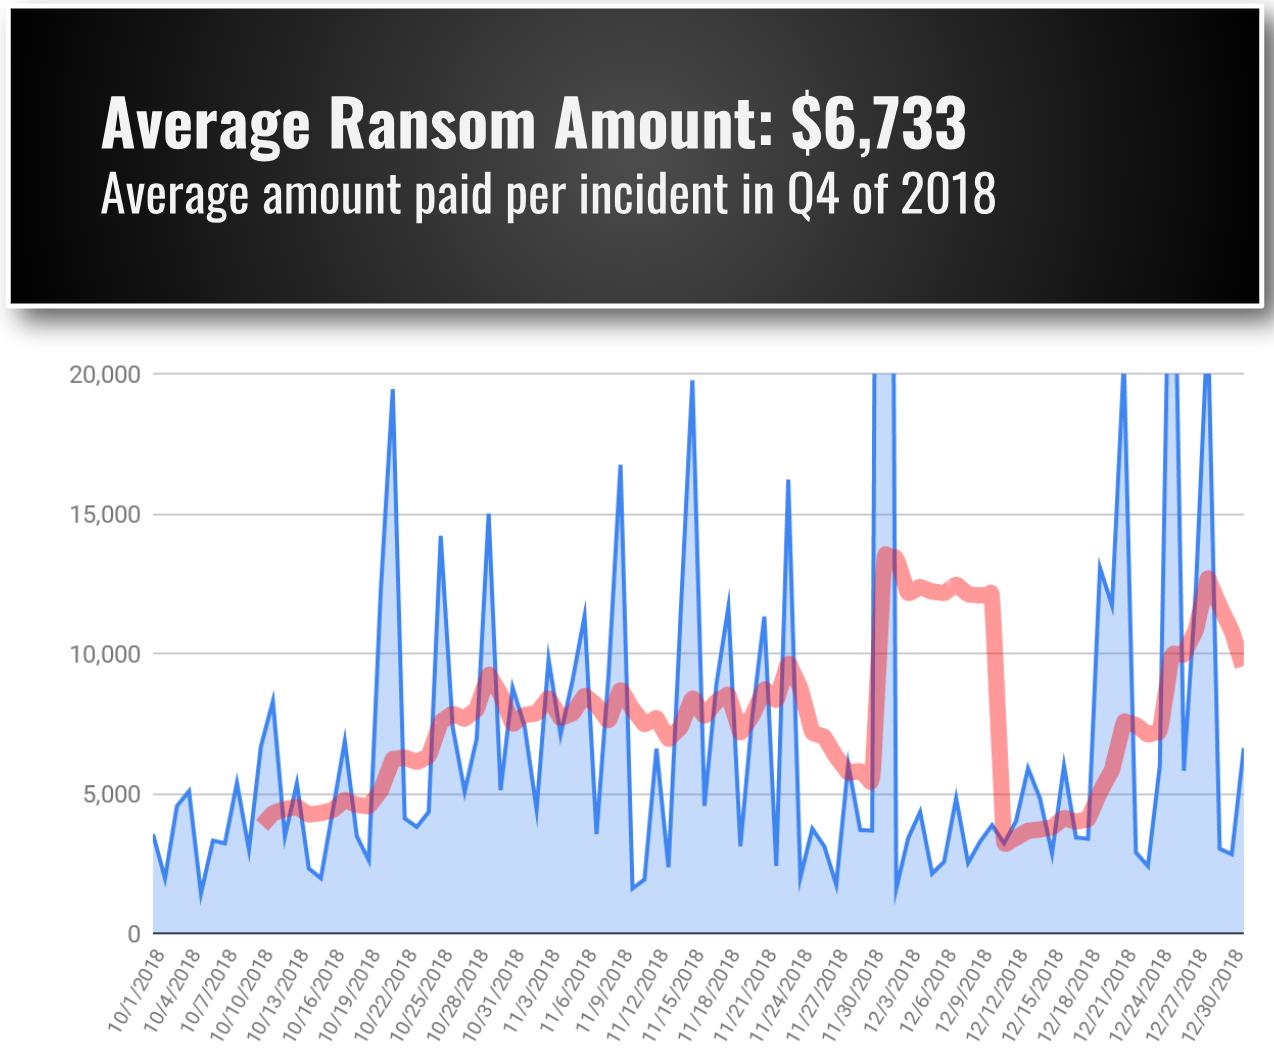 Coveware's 2018 Q4 Ransomware Marketplace Report